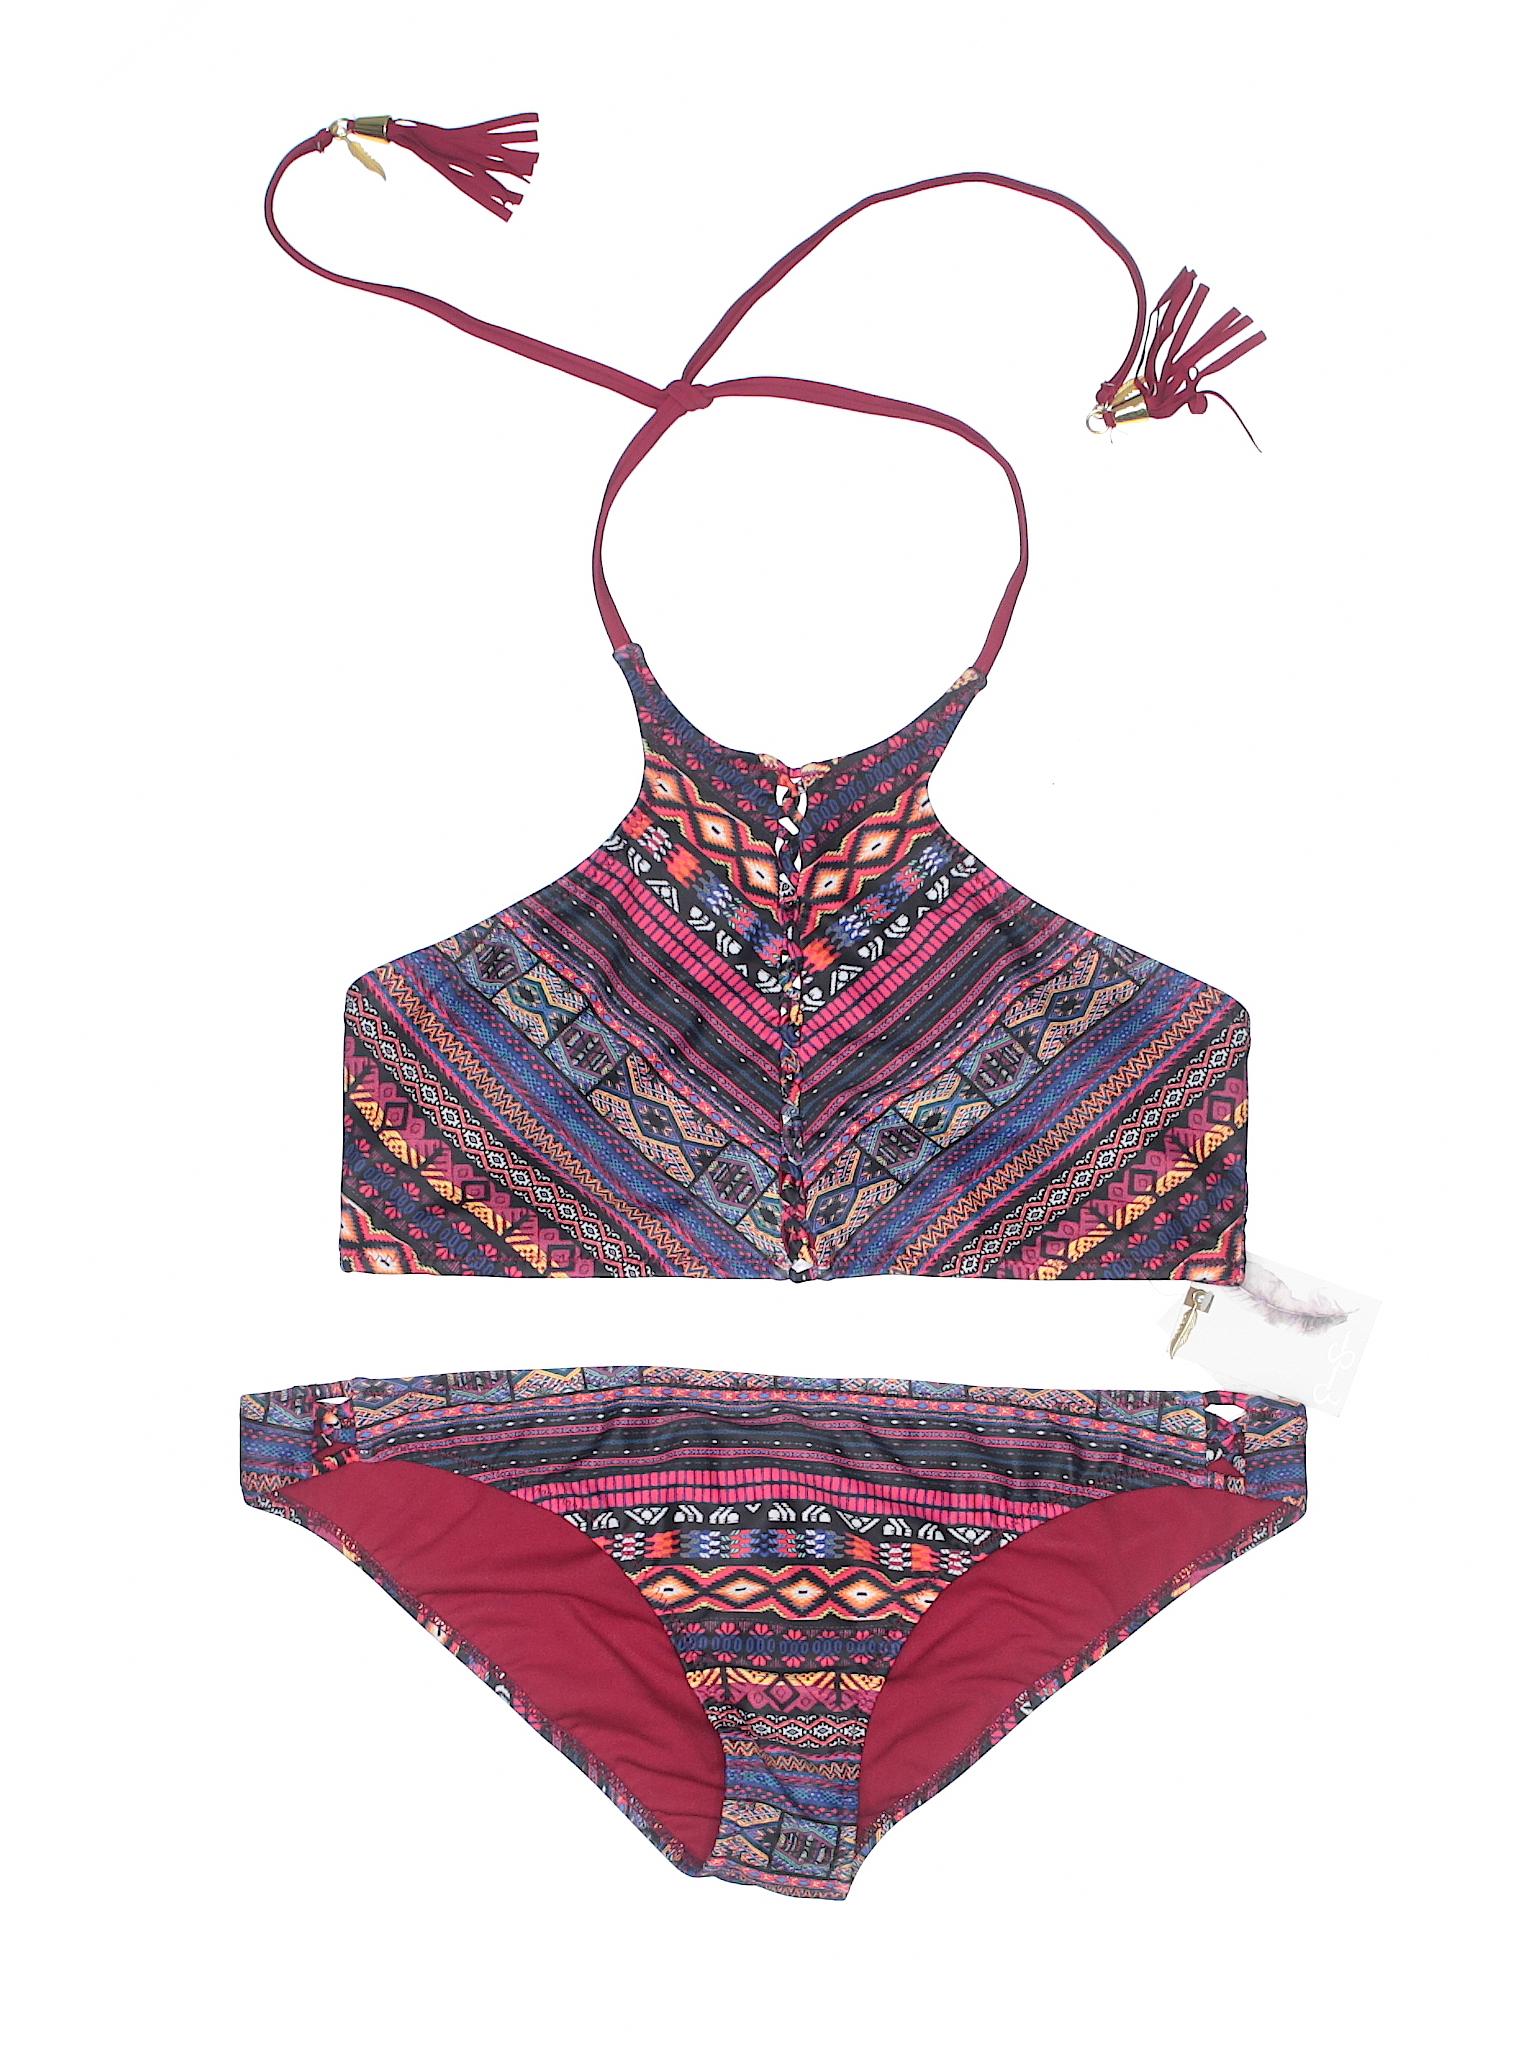 Two Swimsuit Simpson Boutique Piece Jessica qgpSByWn1